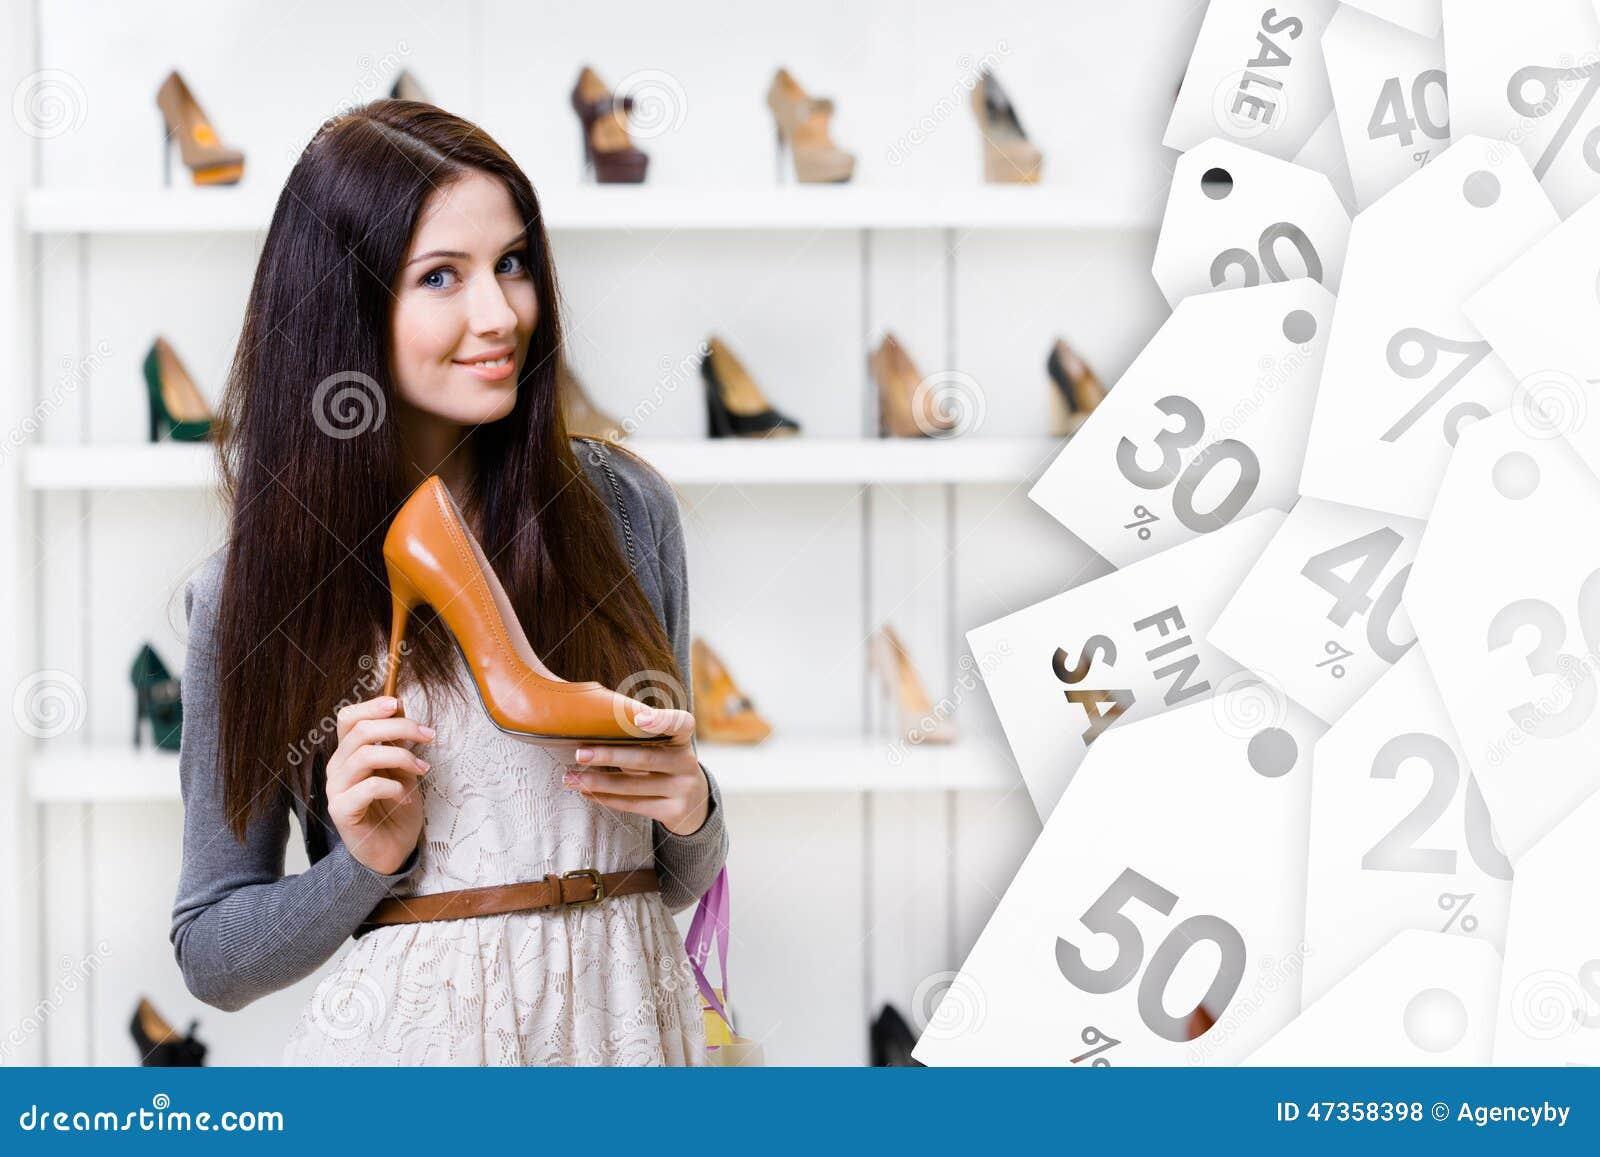 Den unga kvinnan som håller höjdpunkt, heeled skon på försäljning